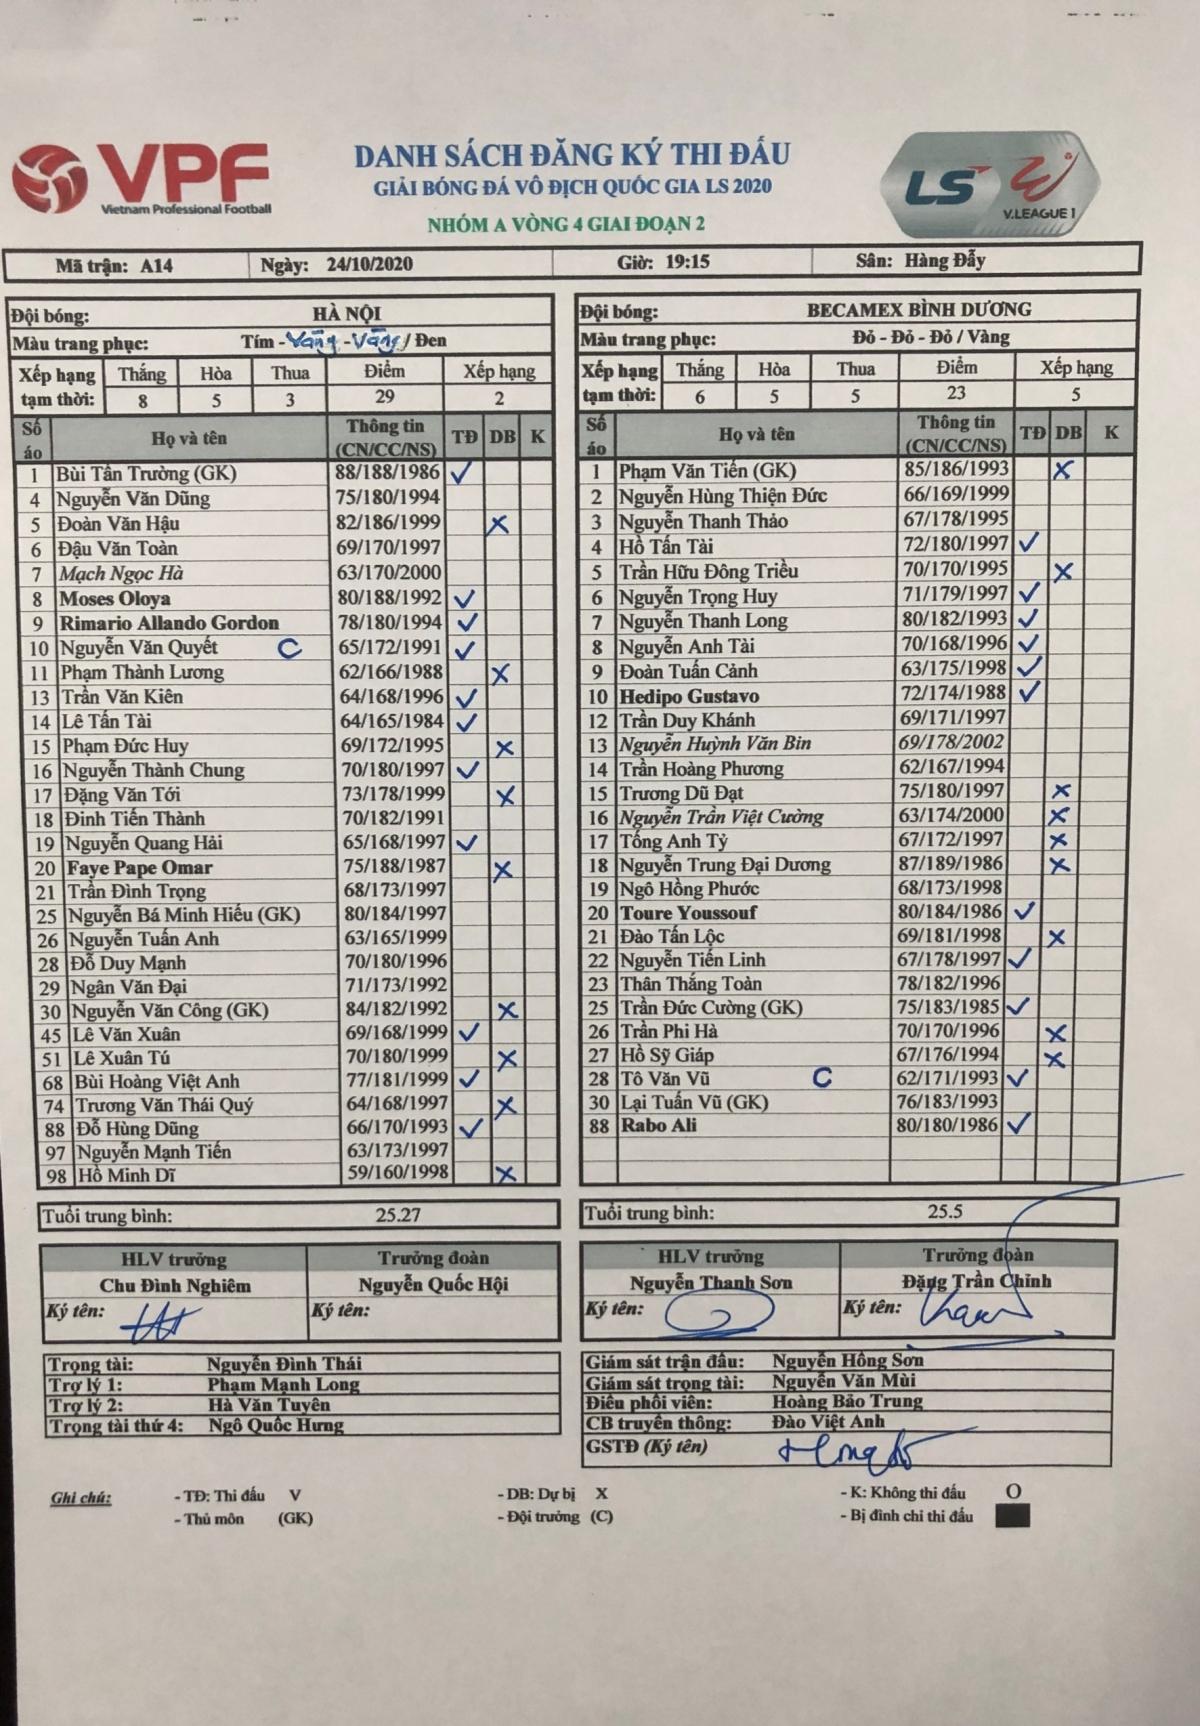 Danh sách đăng ký thi đấu của Hà Nội FC với Bình Dương.